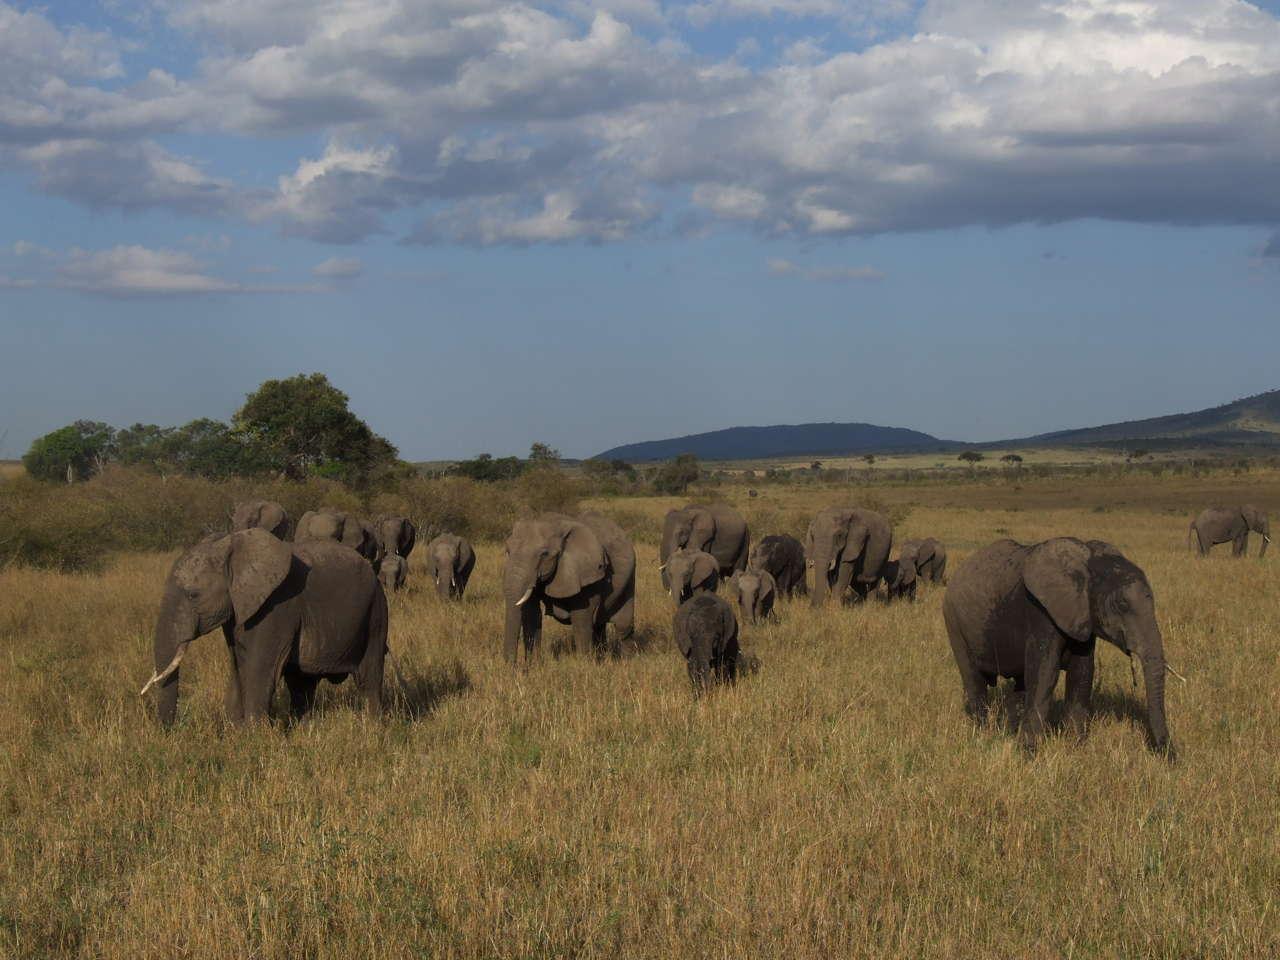 elephants-savanna-v2-eia-image-1280x960